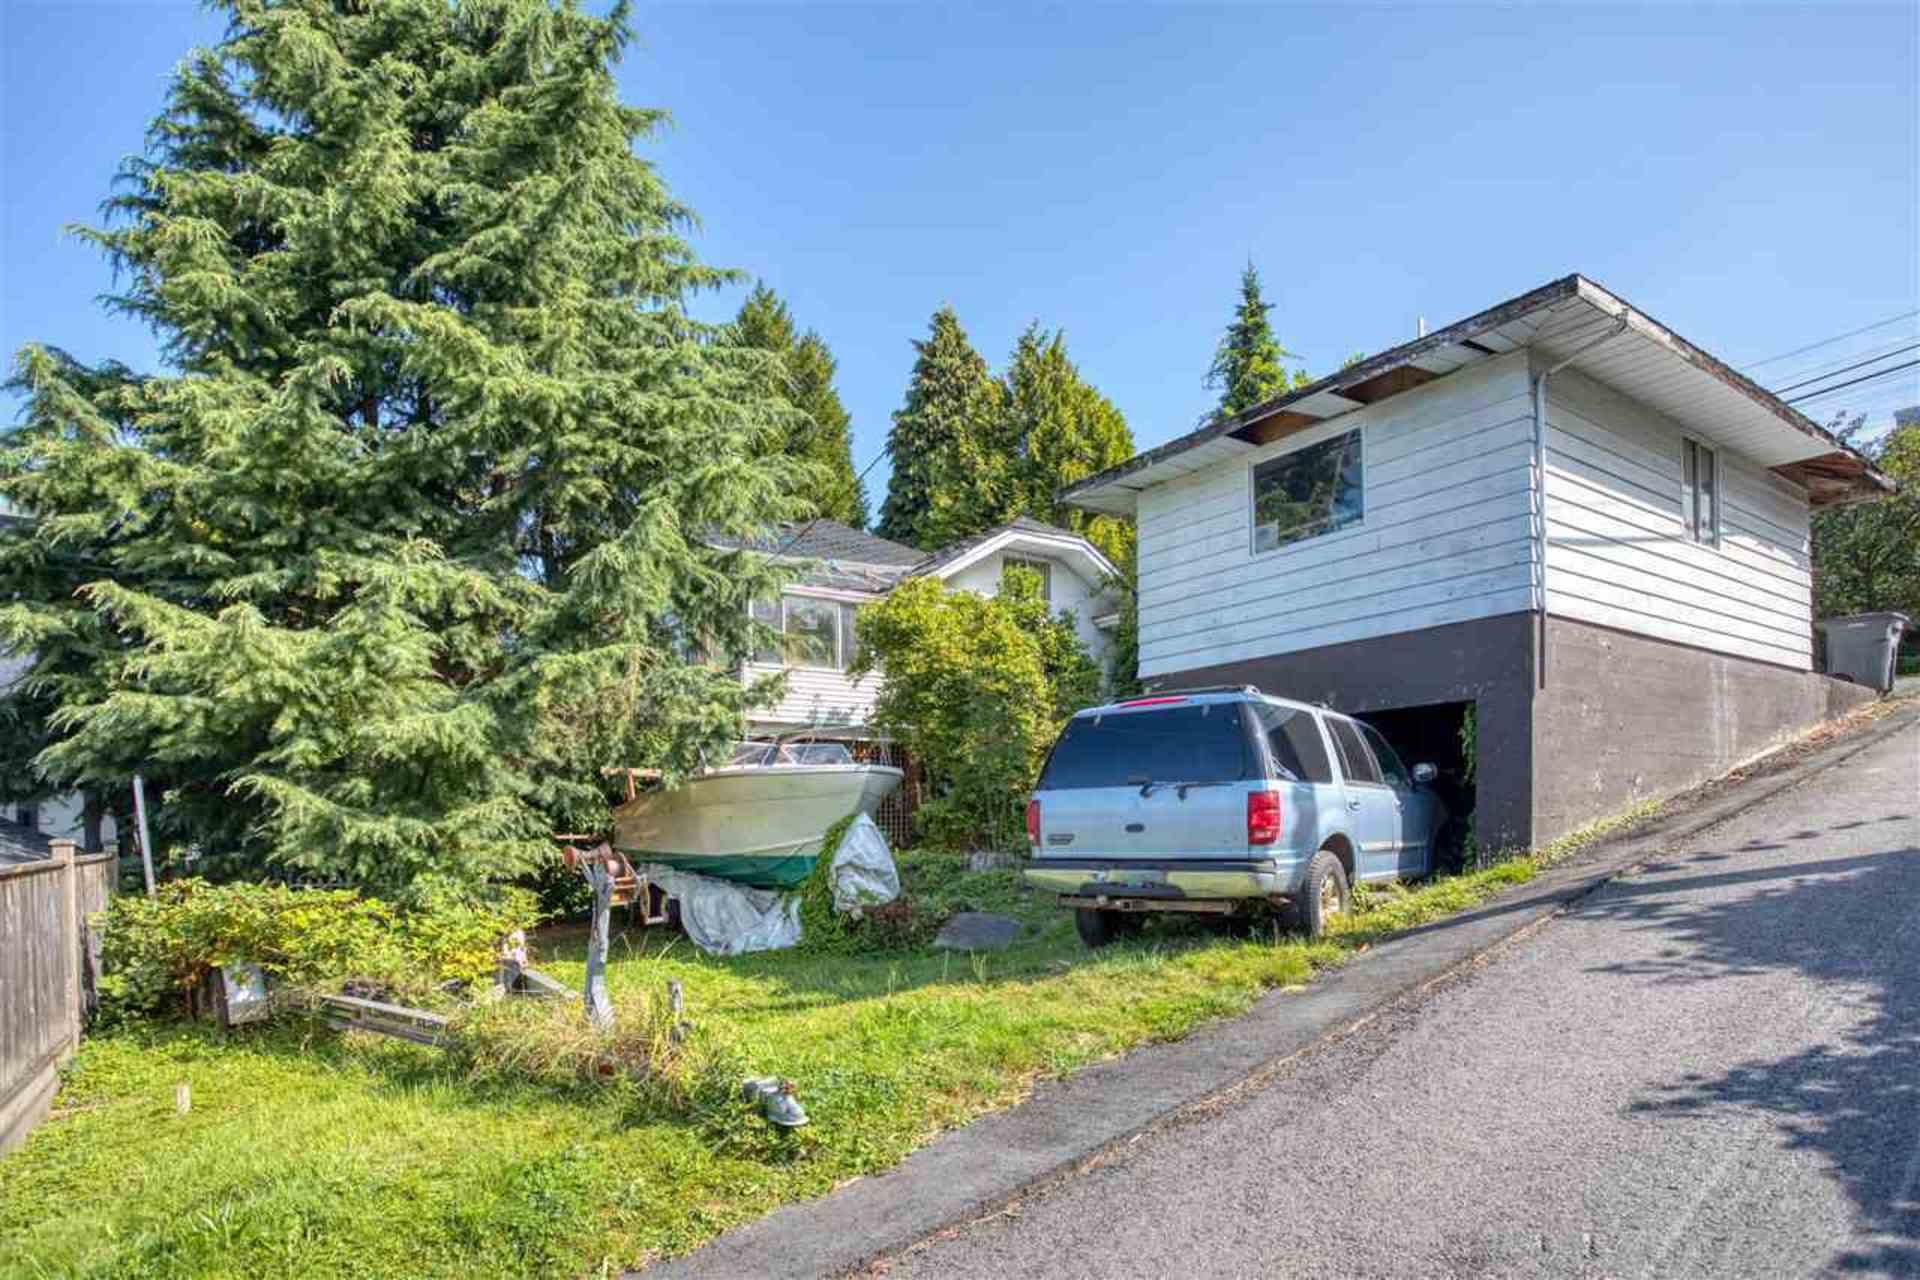 375-n-kootenay-street-hastings-vancouver-east-02 at 375 N Kootenay Street, Hastings, Vancouver East